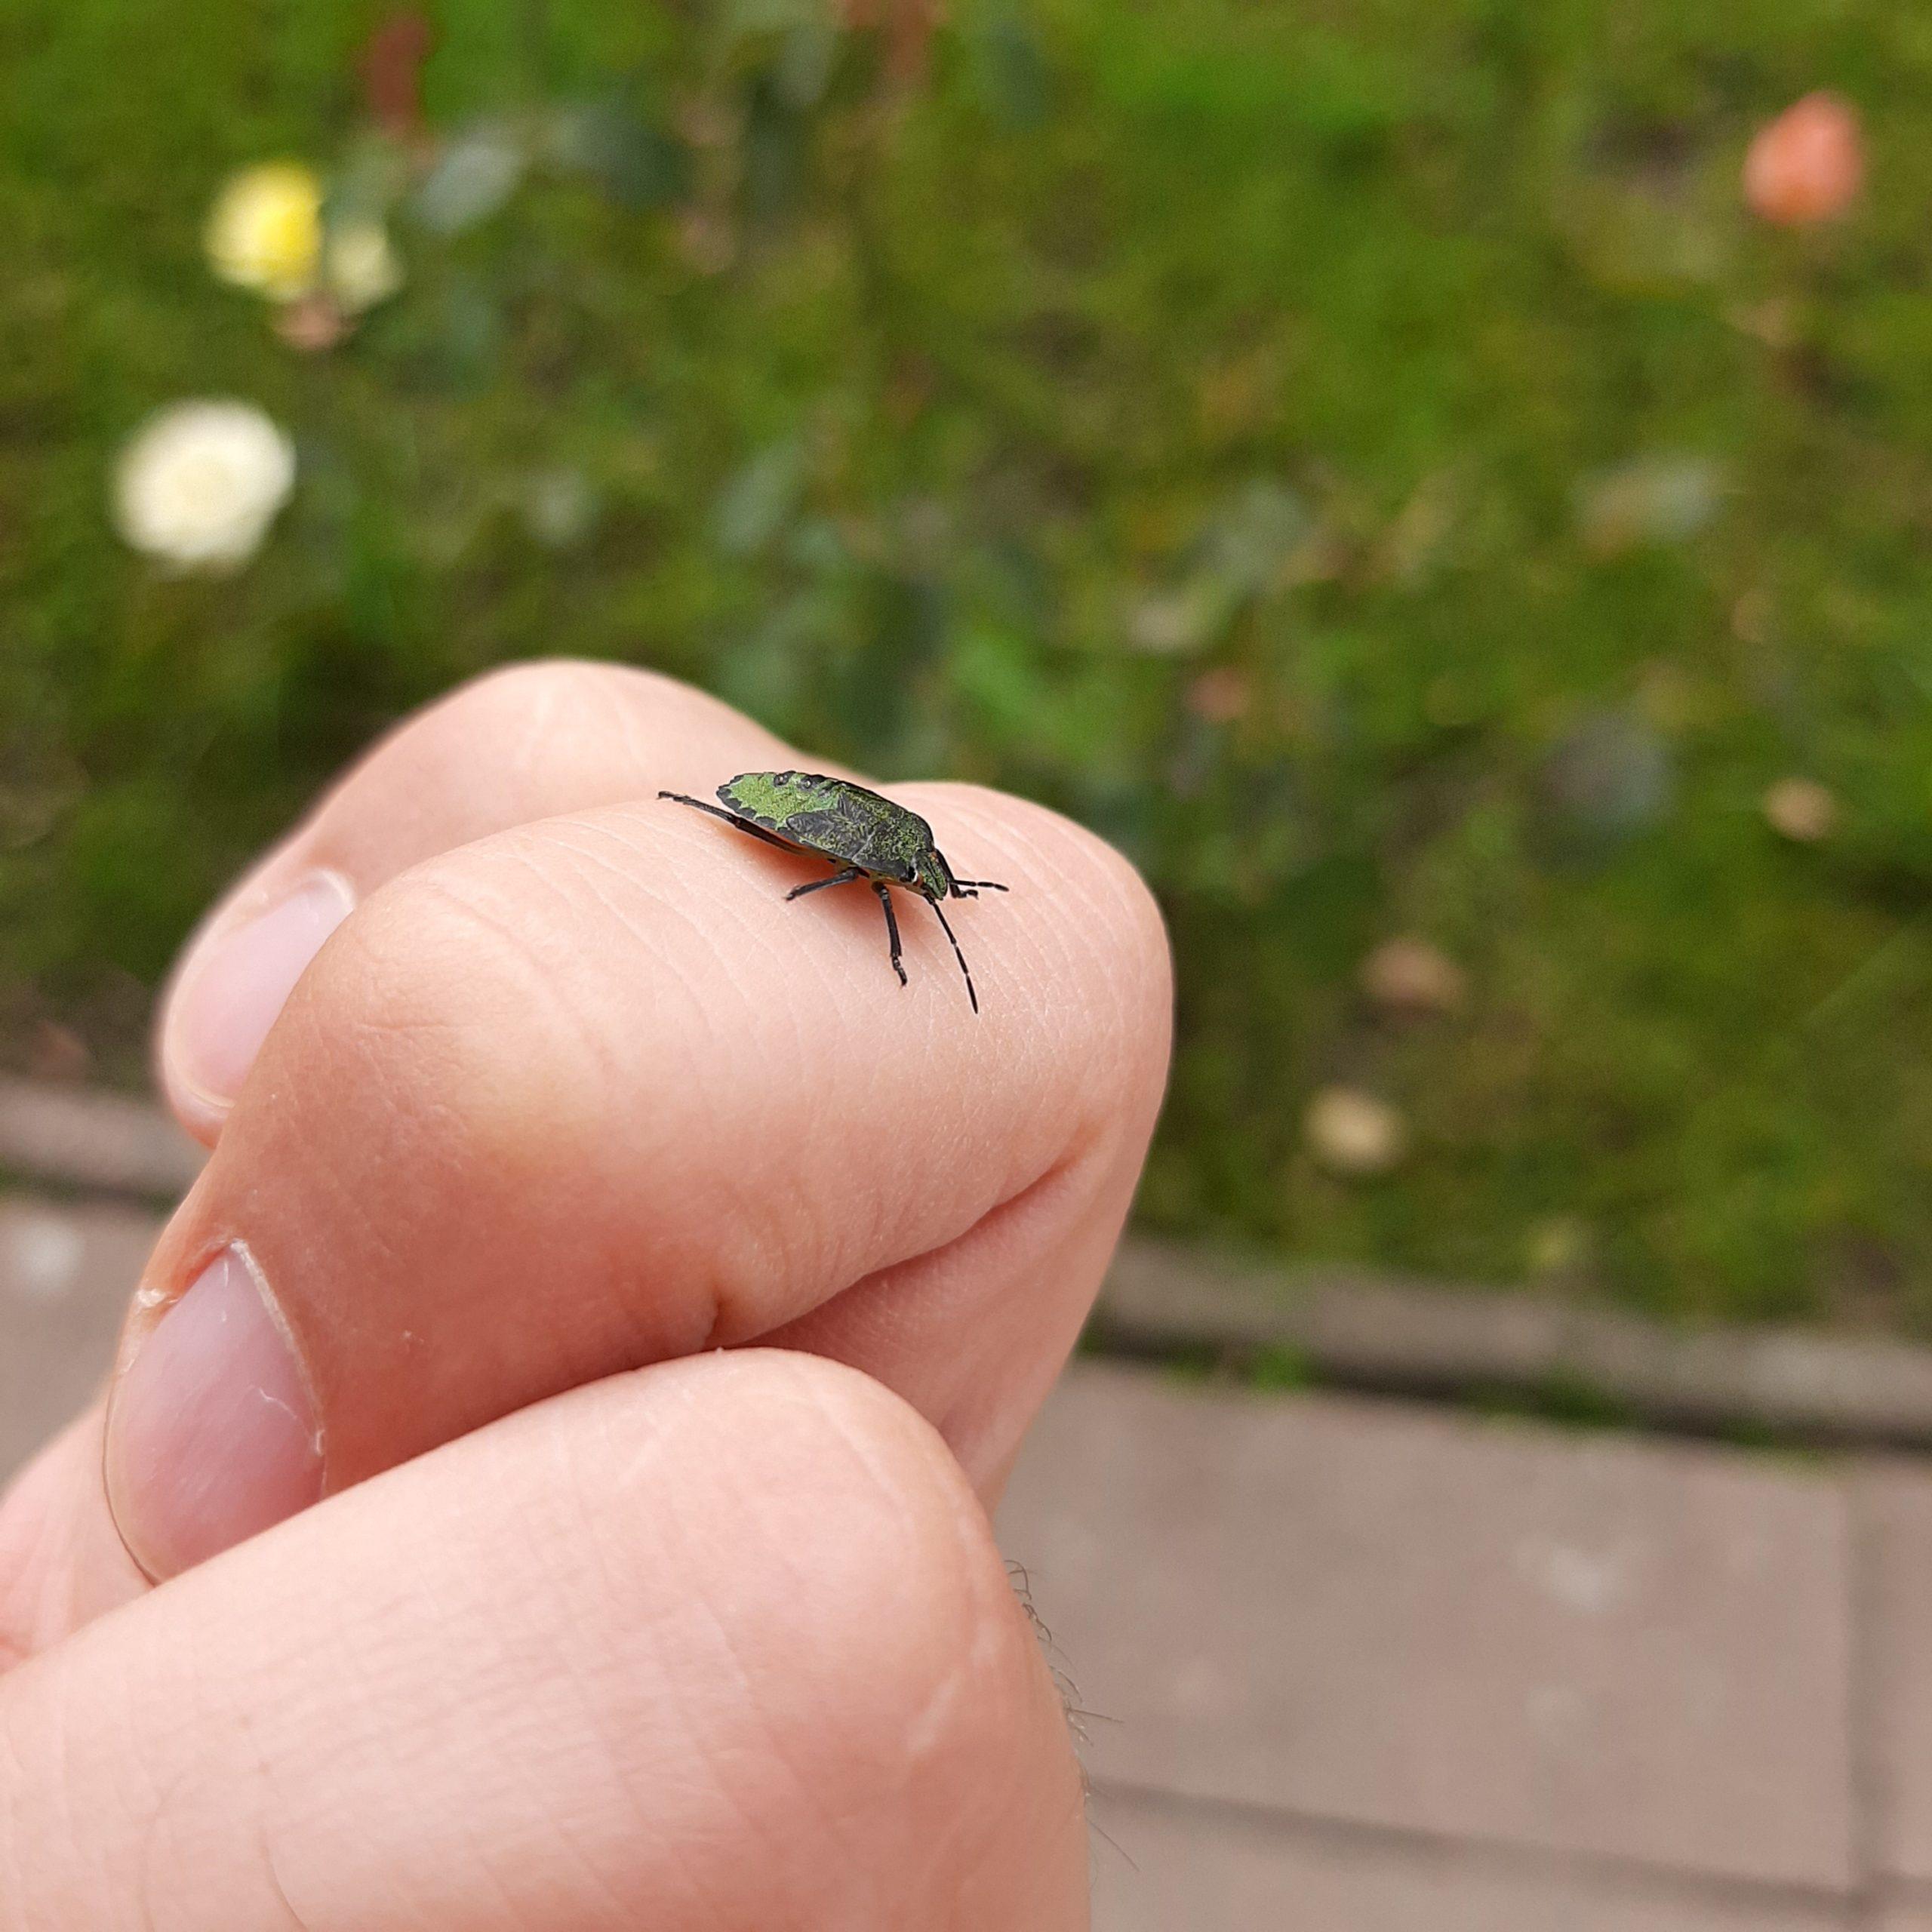 Beetle on hand Image